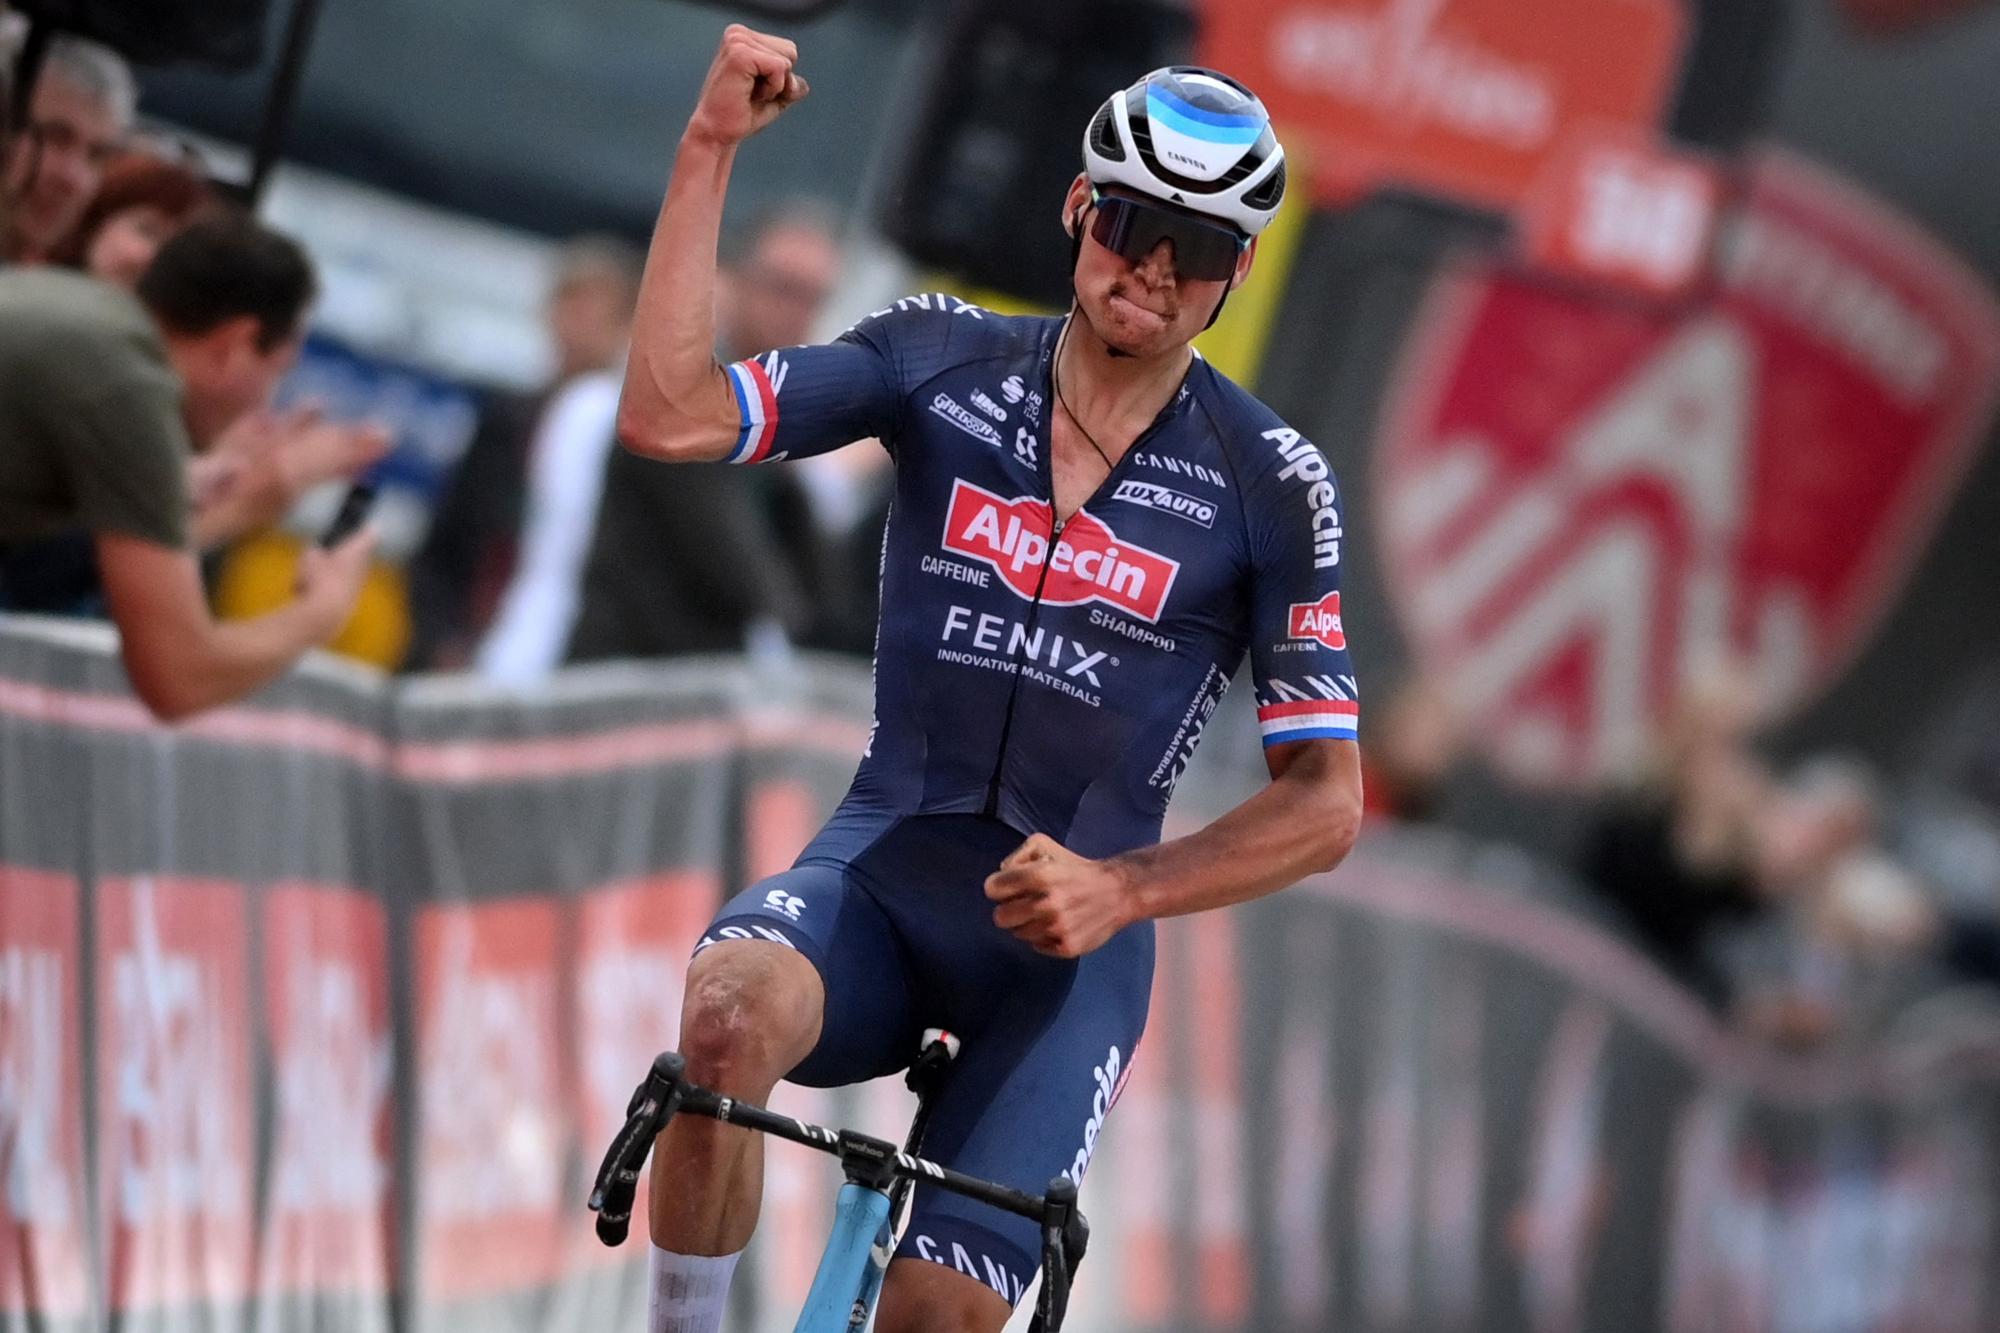 Mathieu van der Poel se centró en la París-Roubaix, pero el entrenador mantiene su plaza en los Campeonatos del Mundo